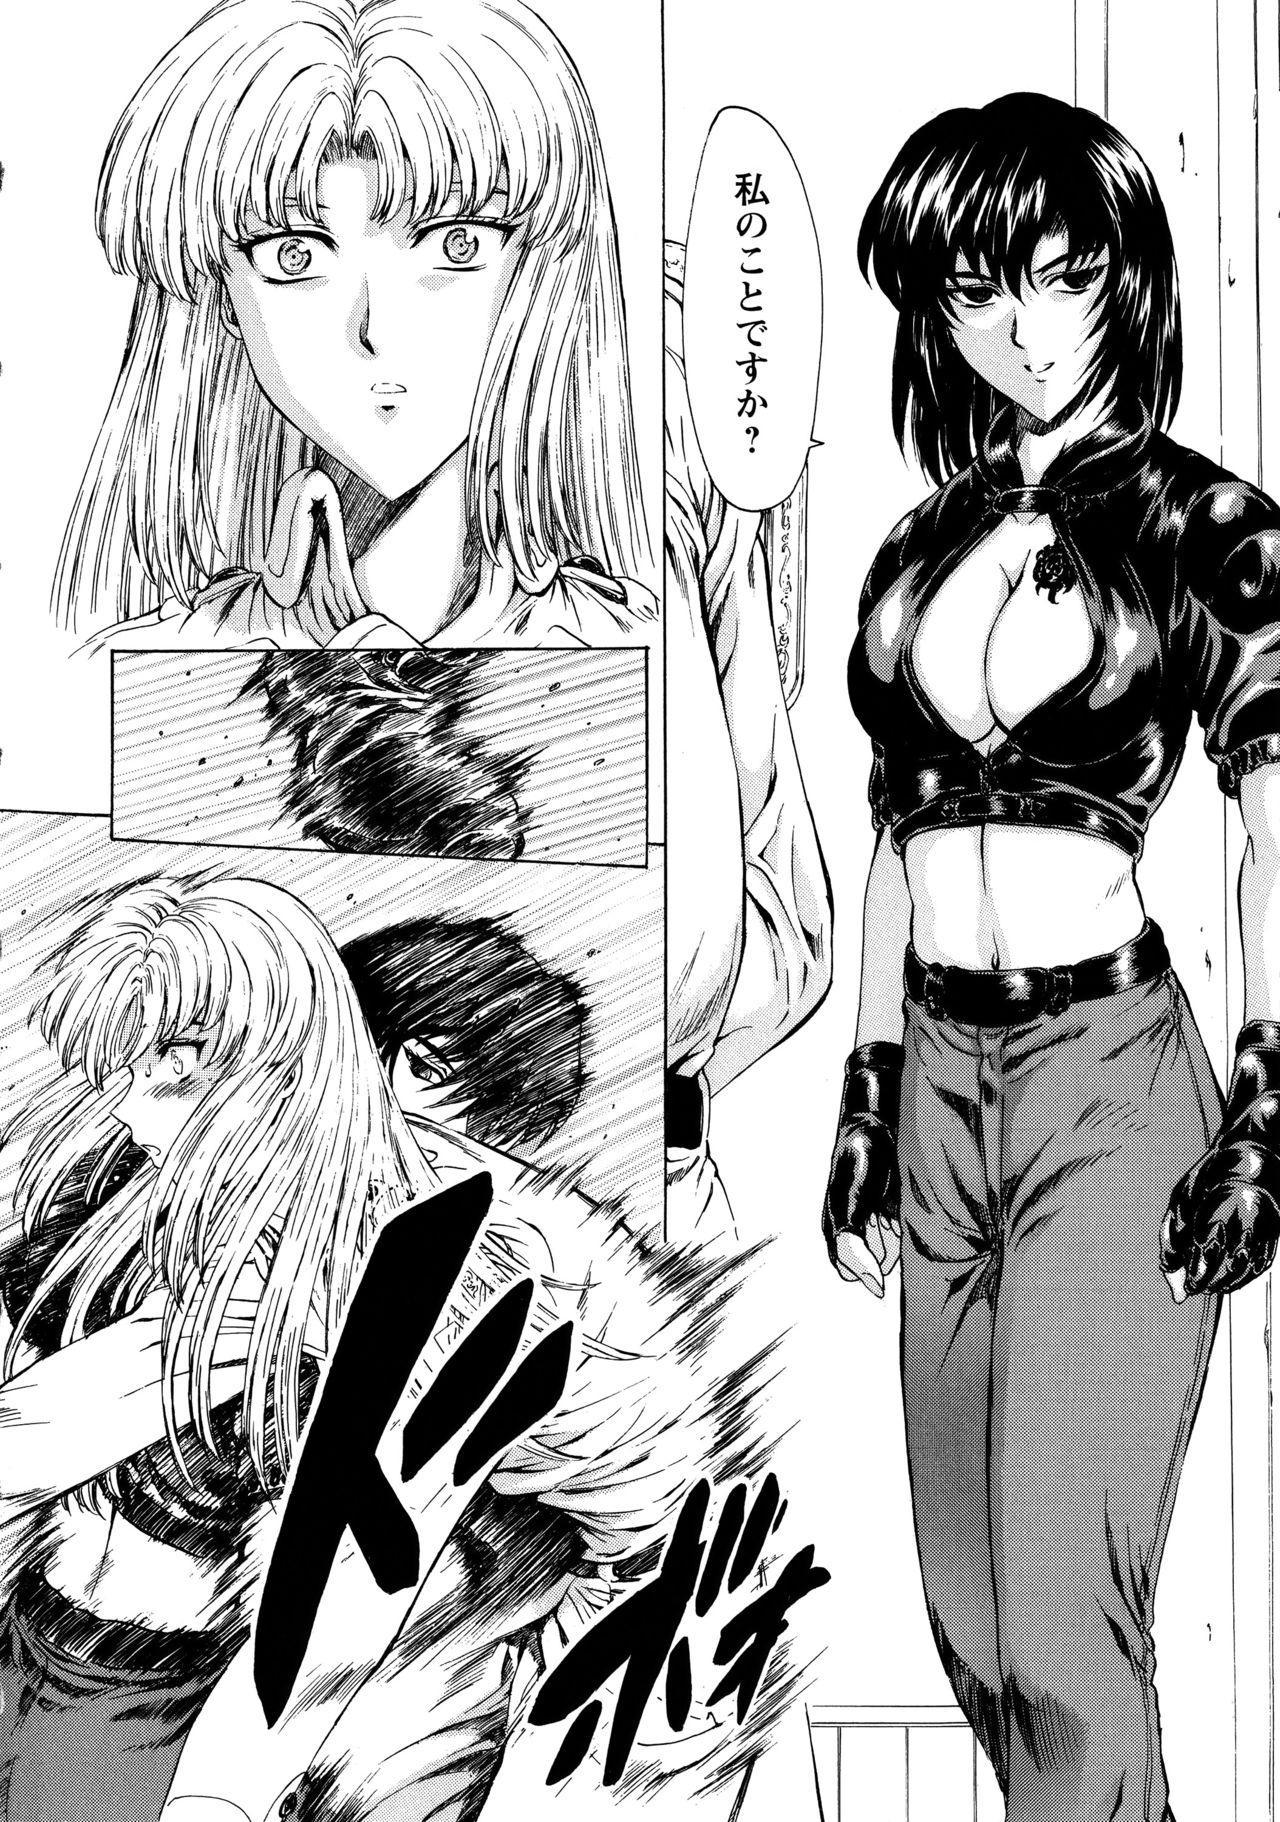 Ginryuu no Reimei Vol. 1 107